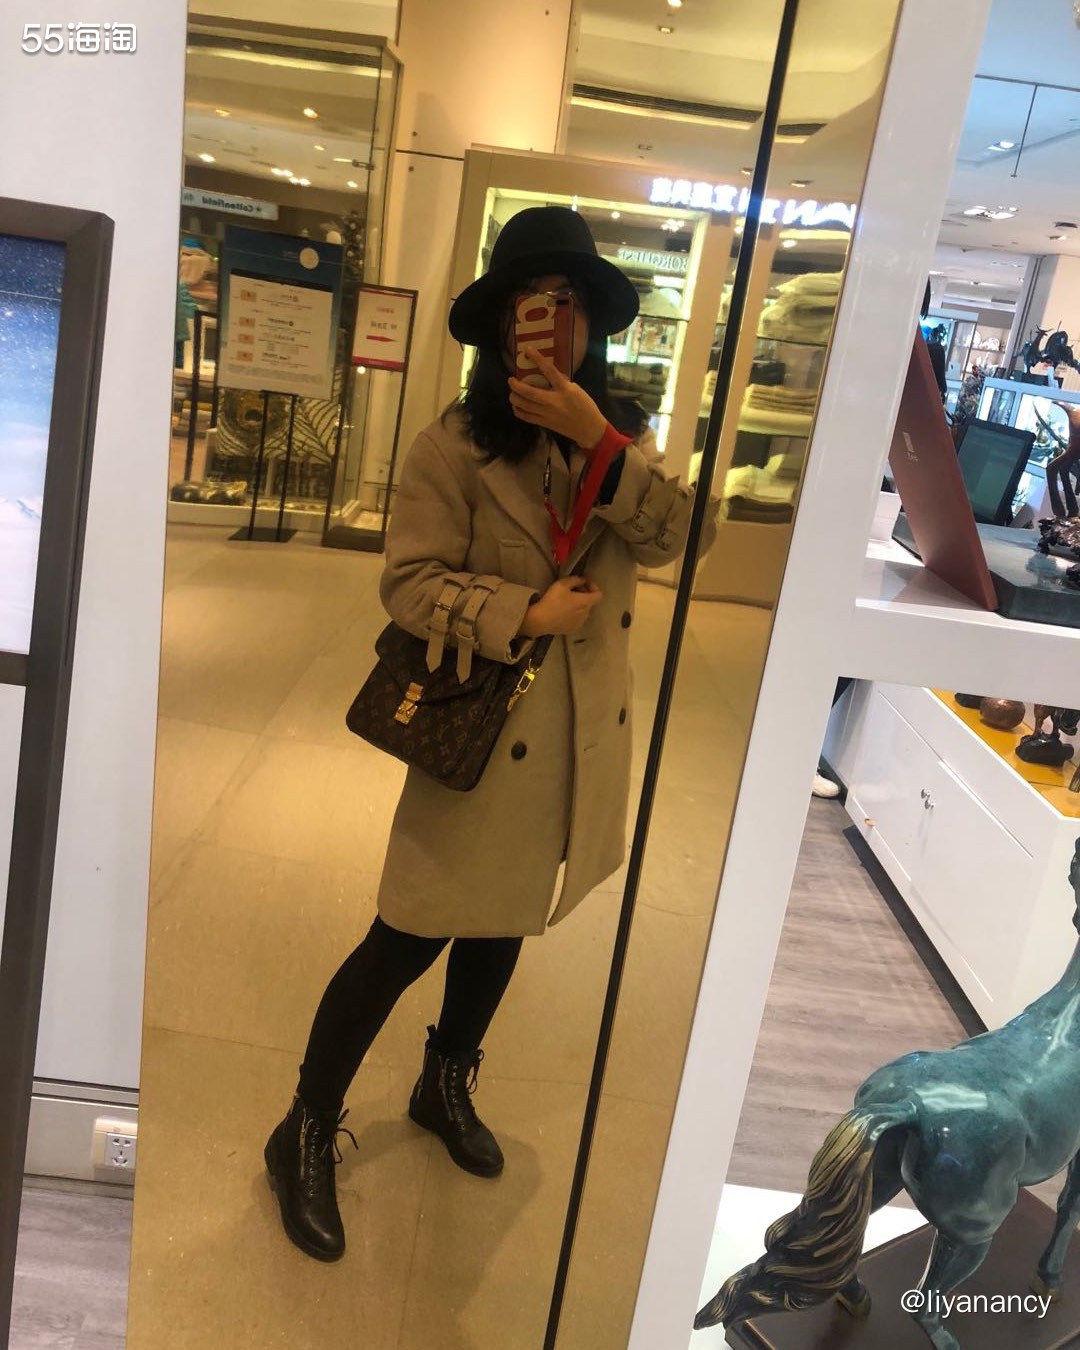 羊毛呢大衣  ✨在网红店买的长款大衣,非常耐看的燕麦色,很有